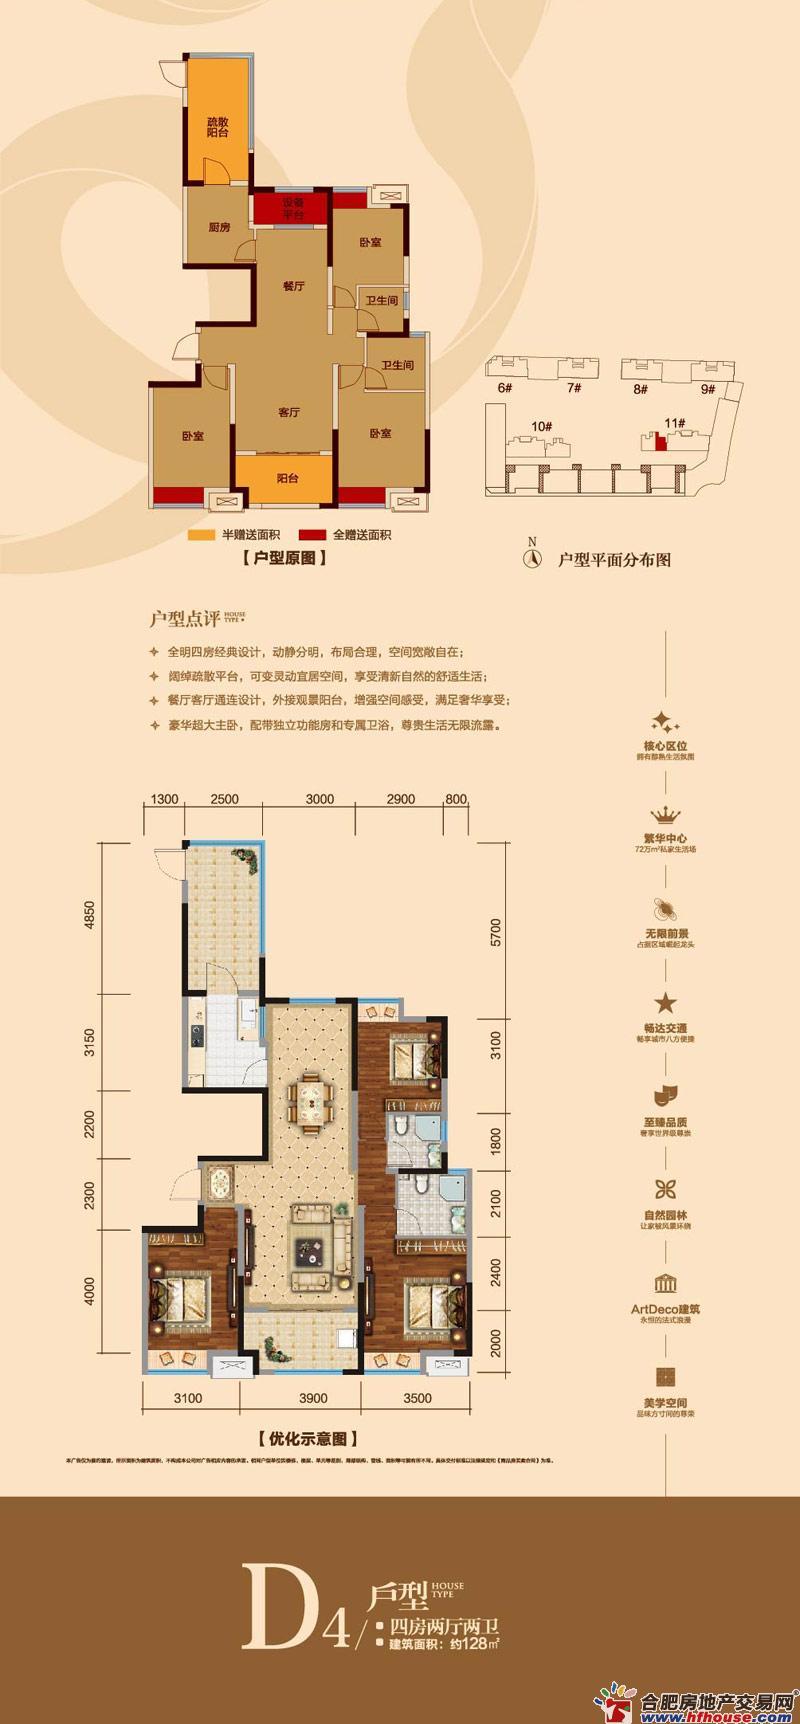 瑶海万达广场_4室2厅2卫1厨